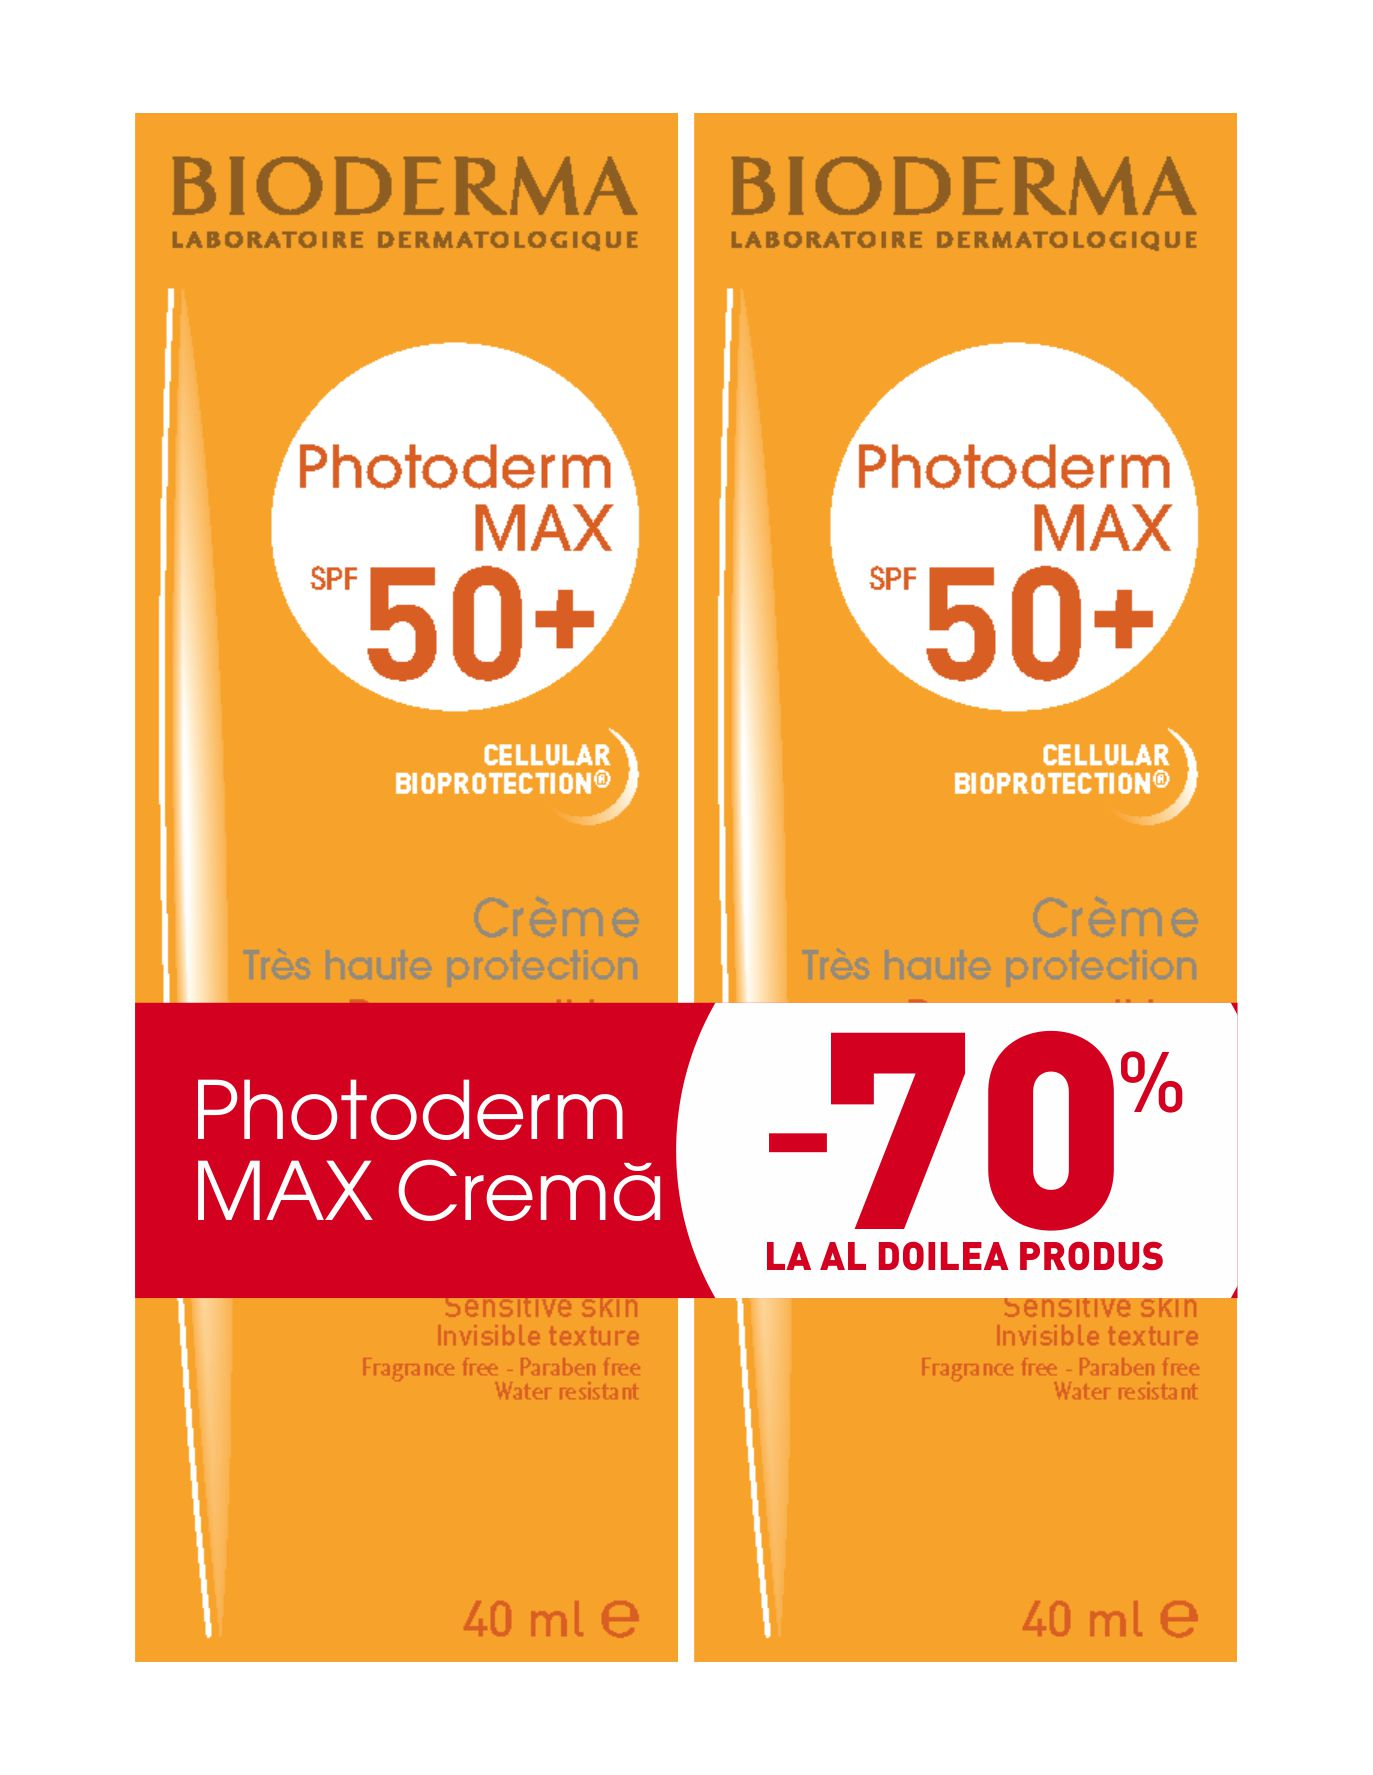 Crema Photoderm MAX 50+, 2x40 ml, Bioderma (70% reducere la al 2-lea produs)